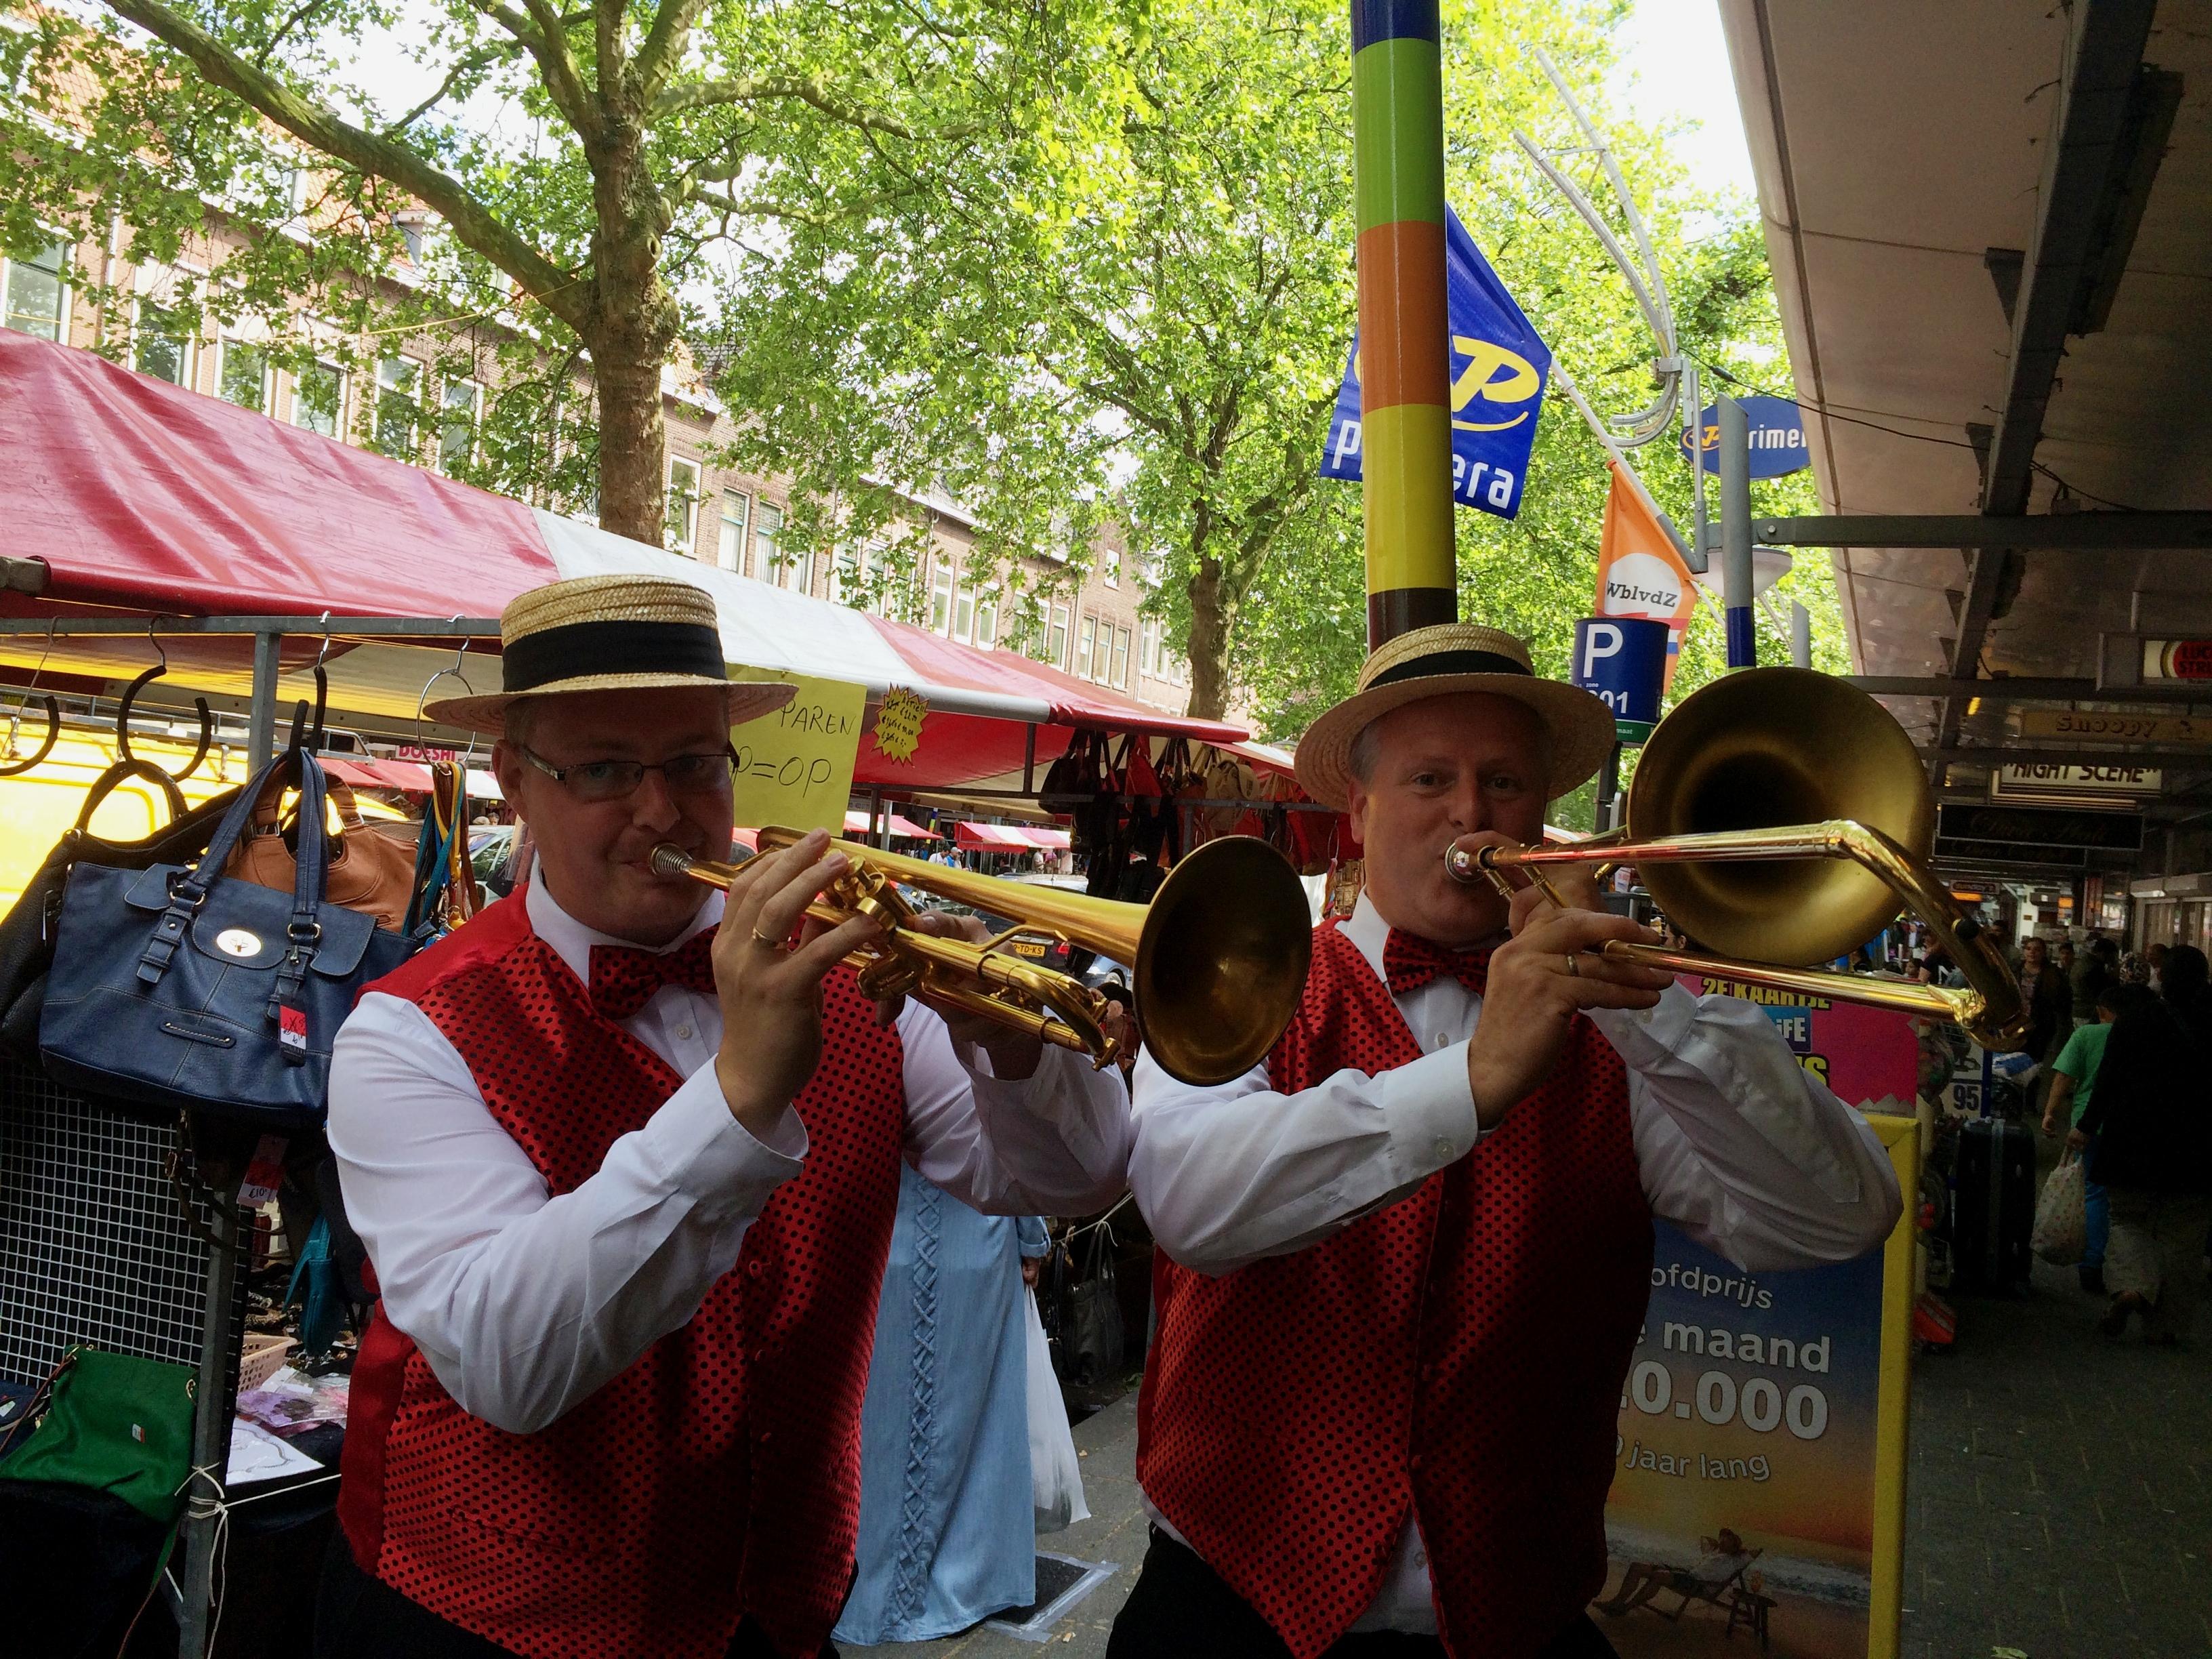 MC Dixie dixieland duo op een markt